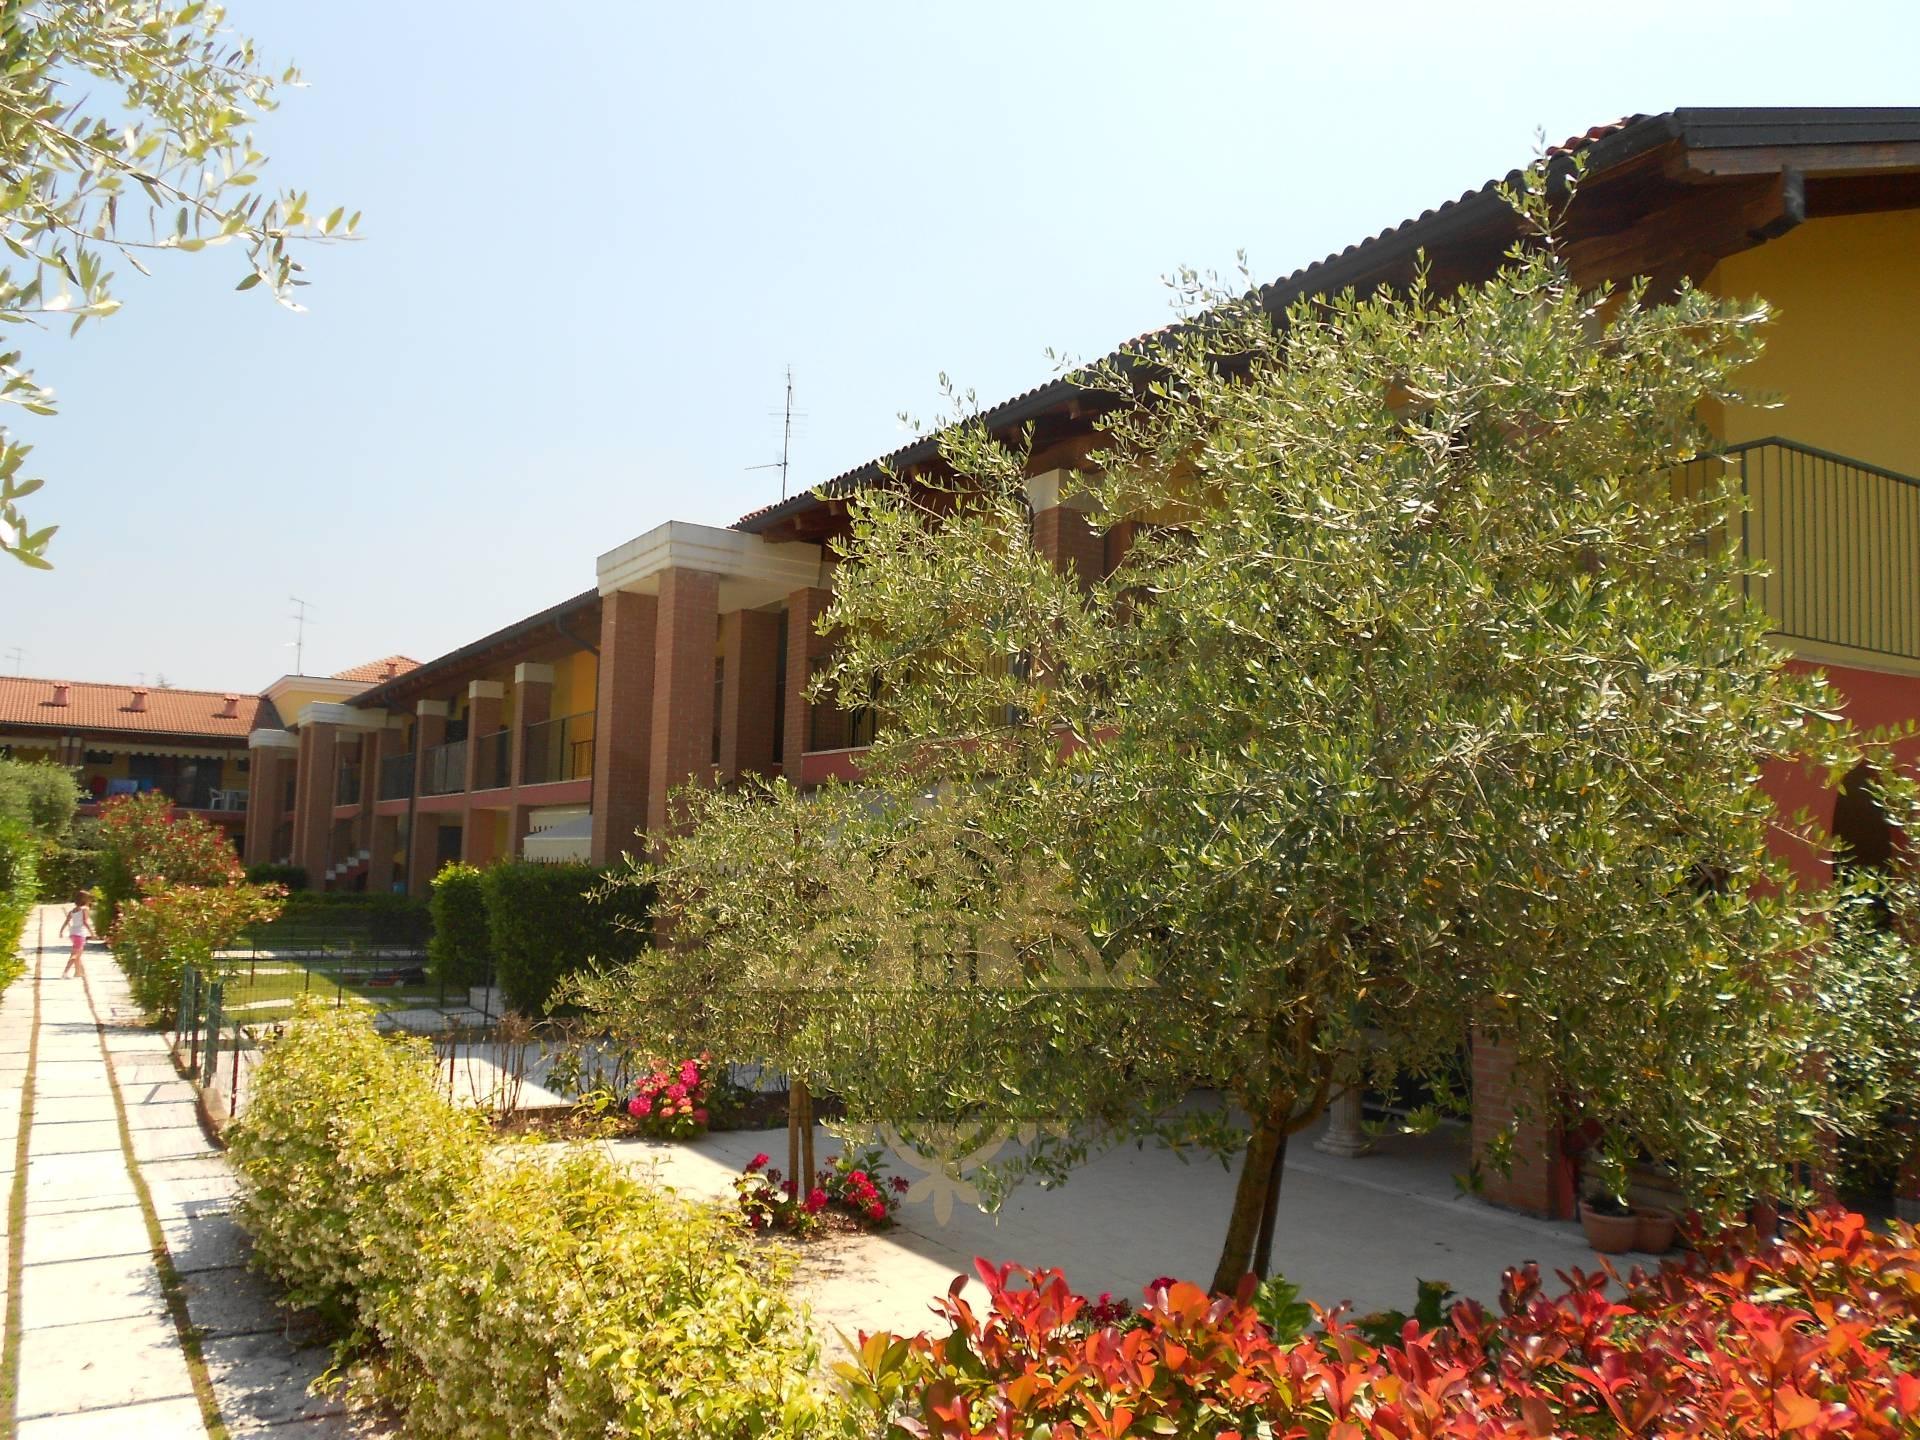 Appartamento in vendita a Ponti sul Mincio, 2 locali, zona Zona: borgate: Dolci, prezzo € 145.000 | Cambio Casa.it